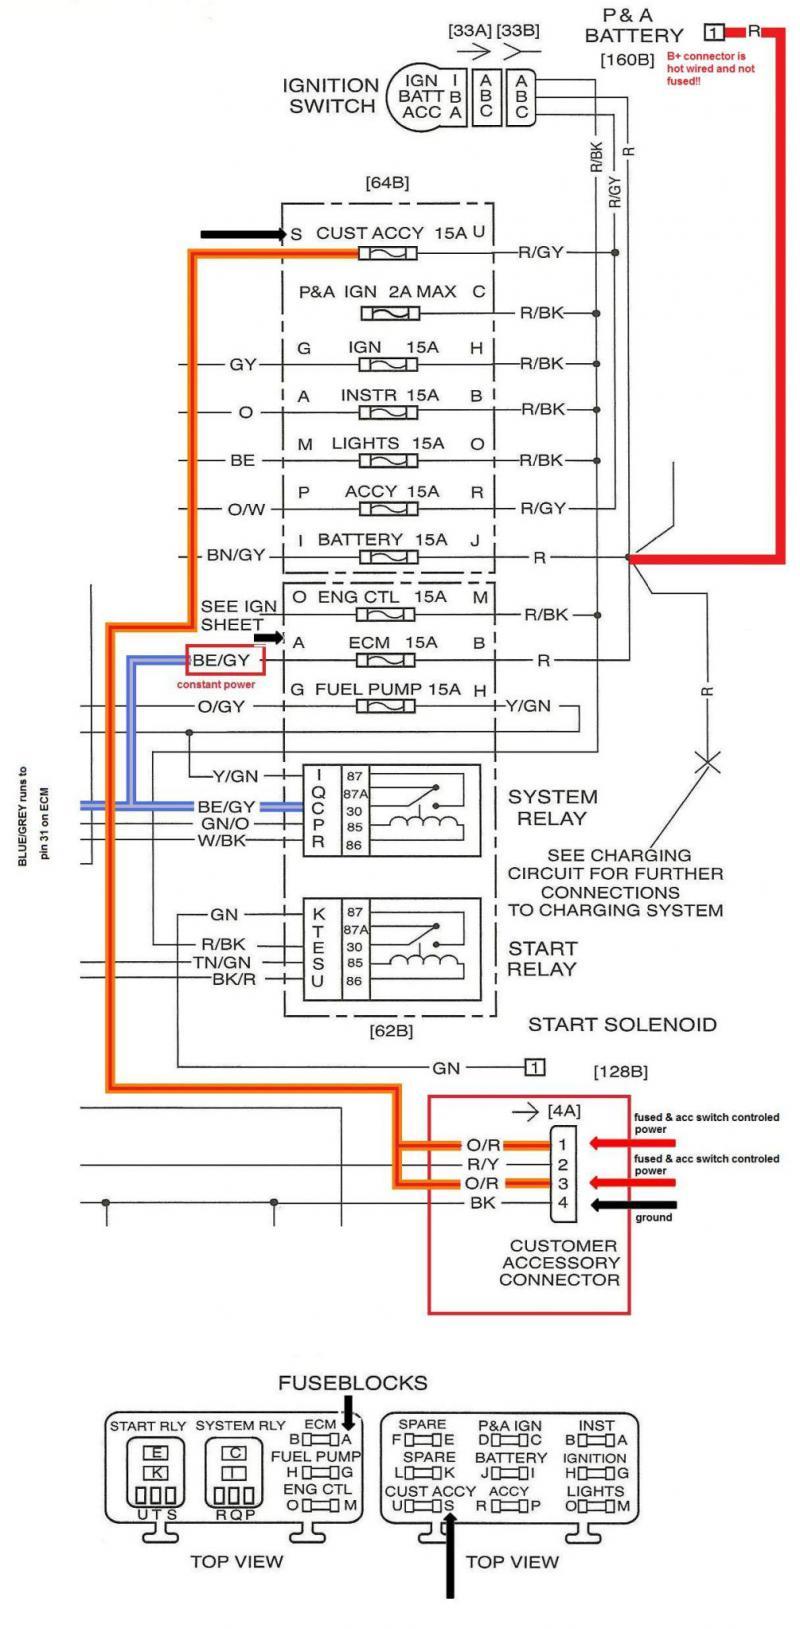 2012 harley davidson road king wiring diagram gc 6339  harley sportster tail light wiring diagram wiring diagram  harley sportster tail light wiring